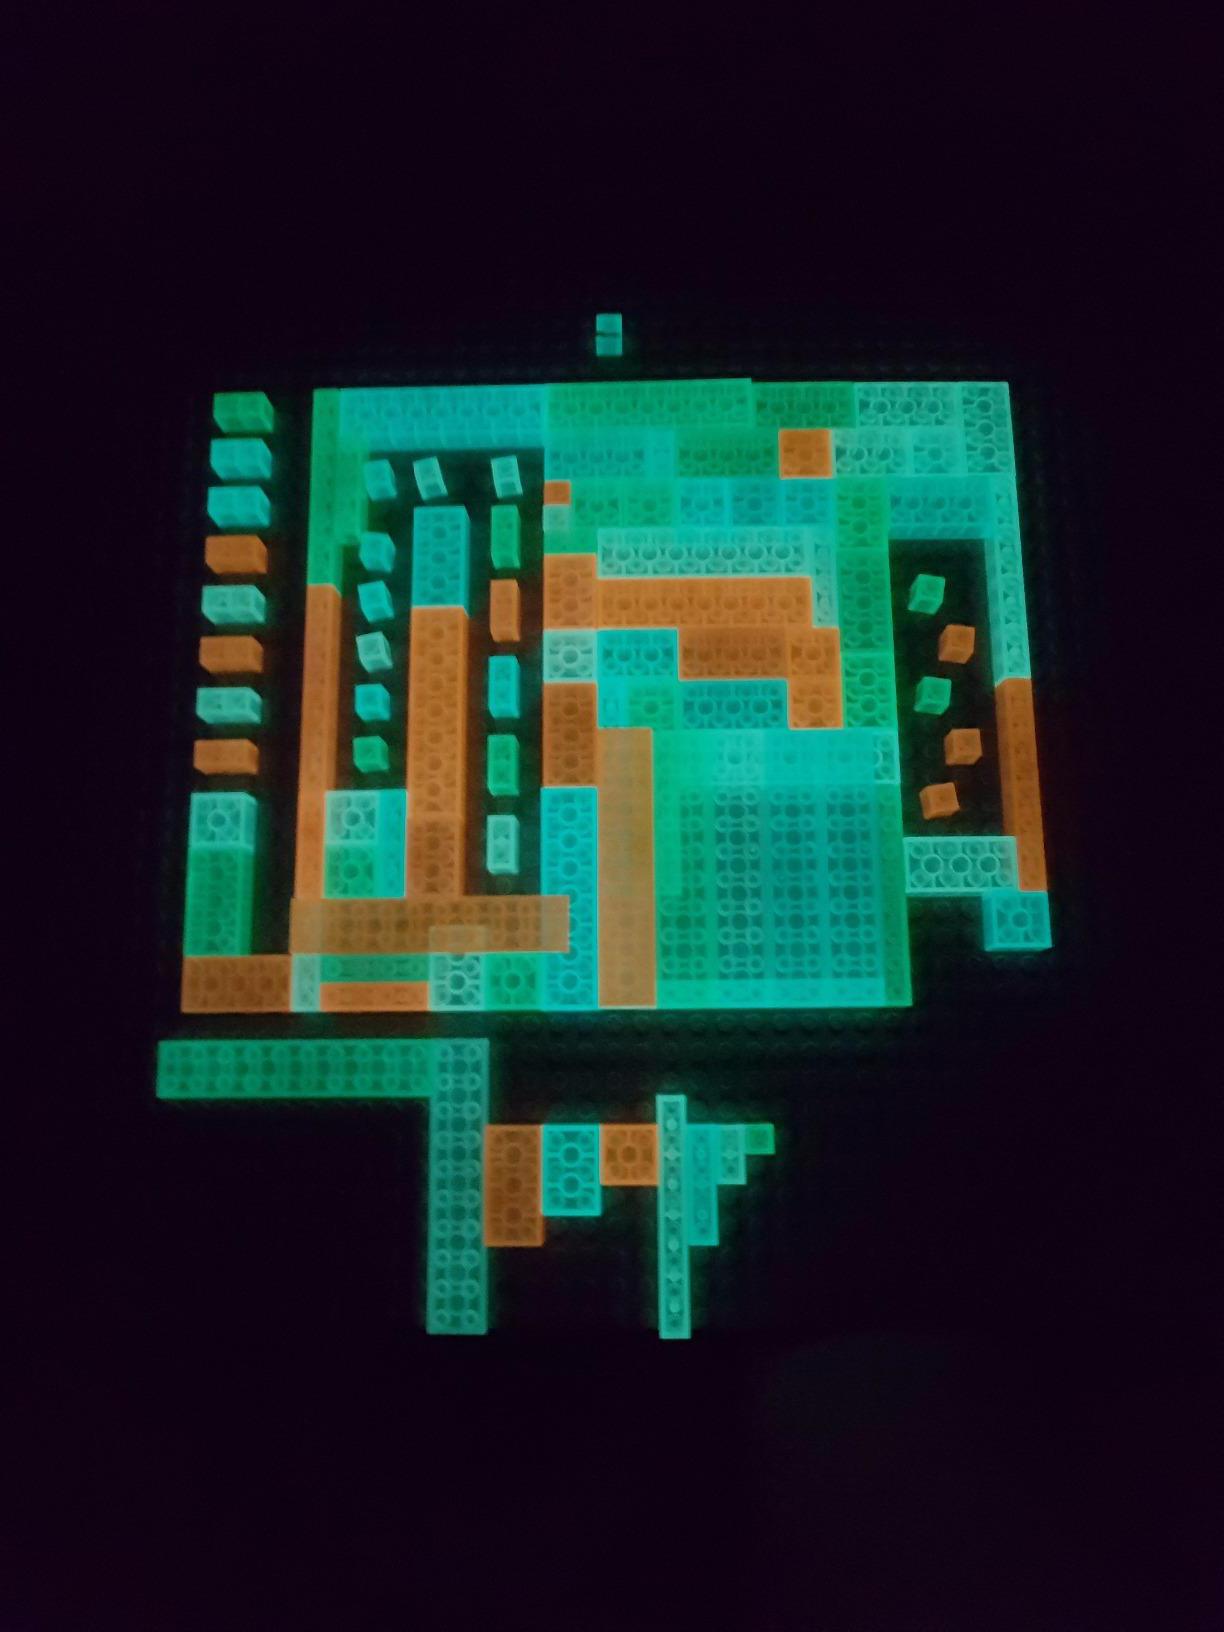 lumentics-Leuchtsteine zur Veranschaulichung auf der mitgelieferten Platte bei Nacht